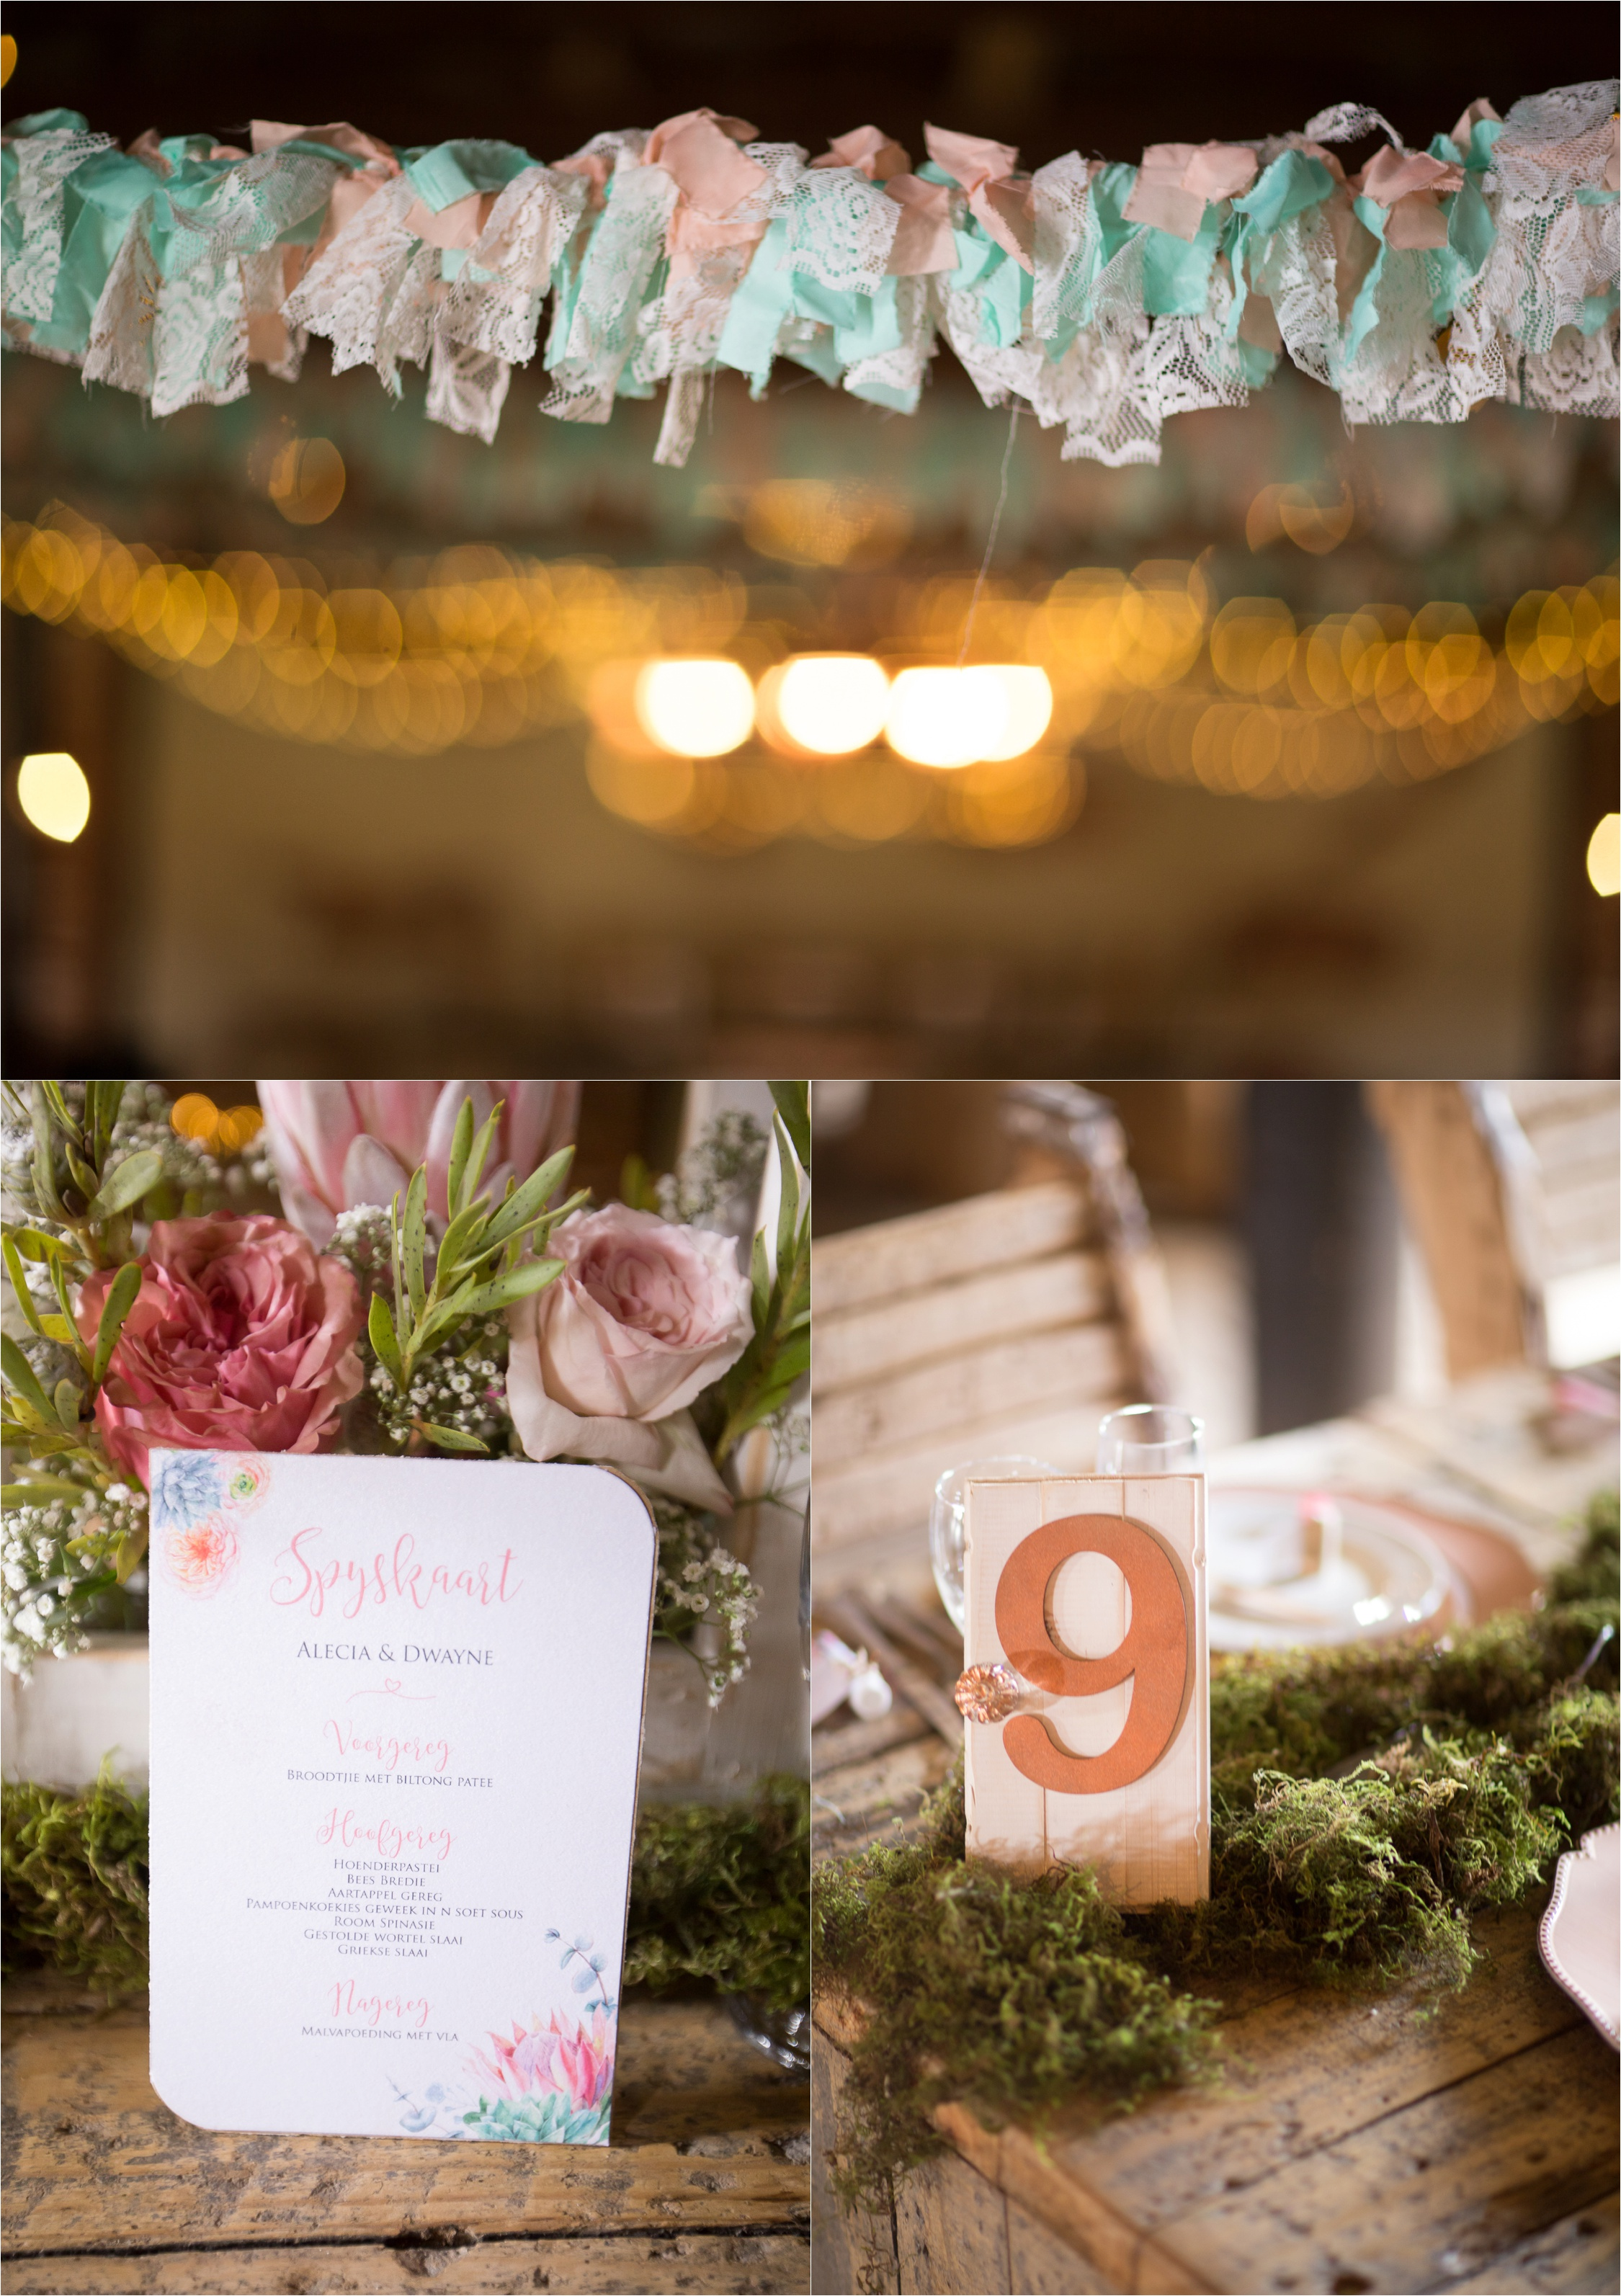 Die_Waenhuiskraal_wedding_Alicia_Dwayne_71